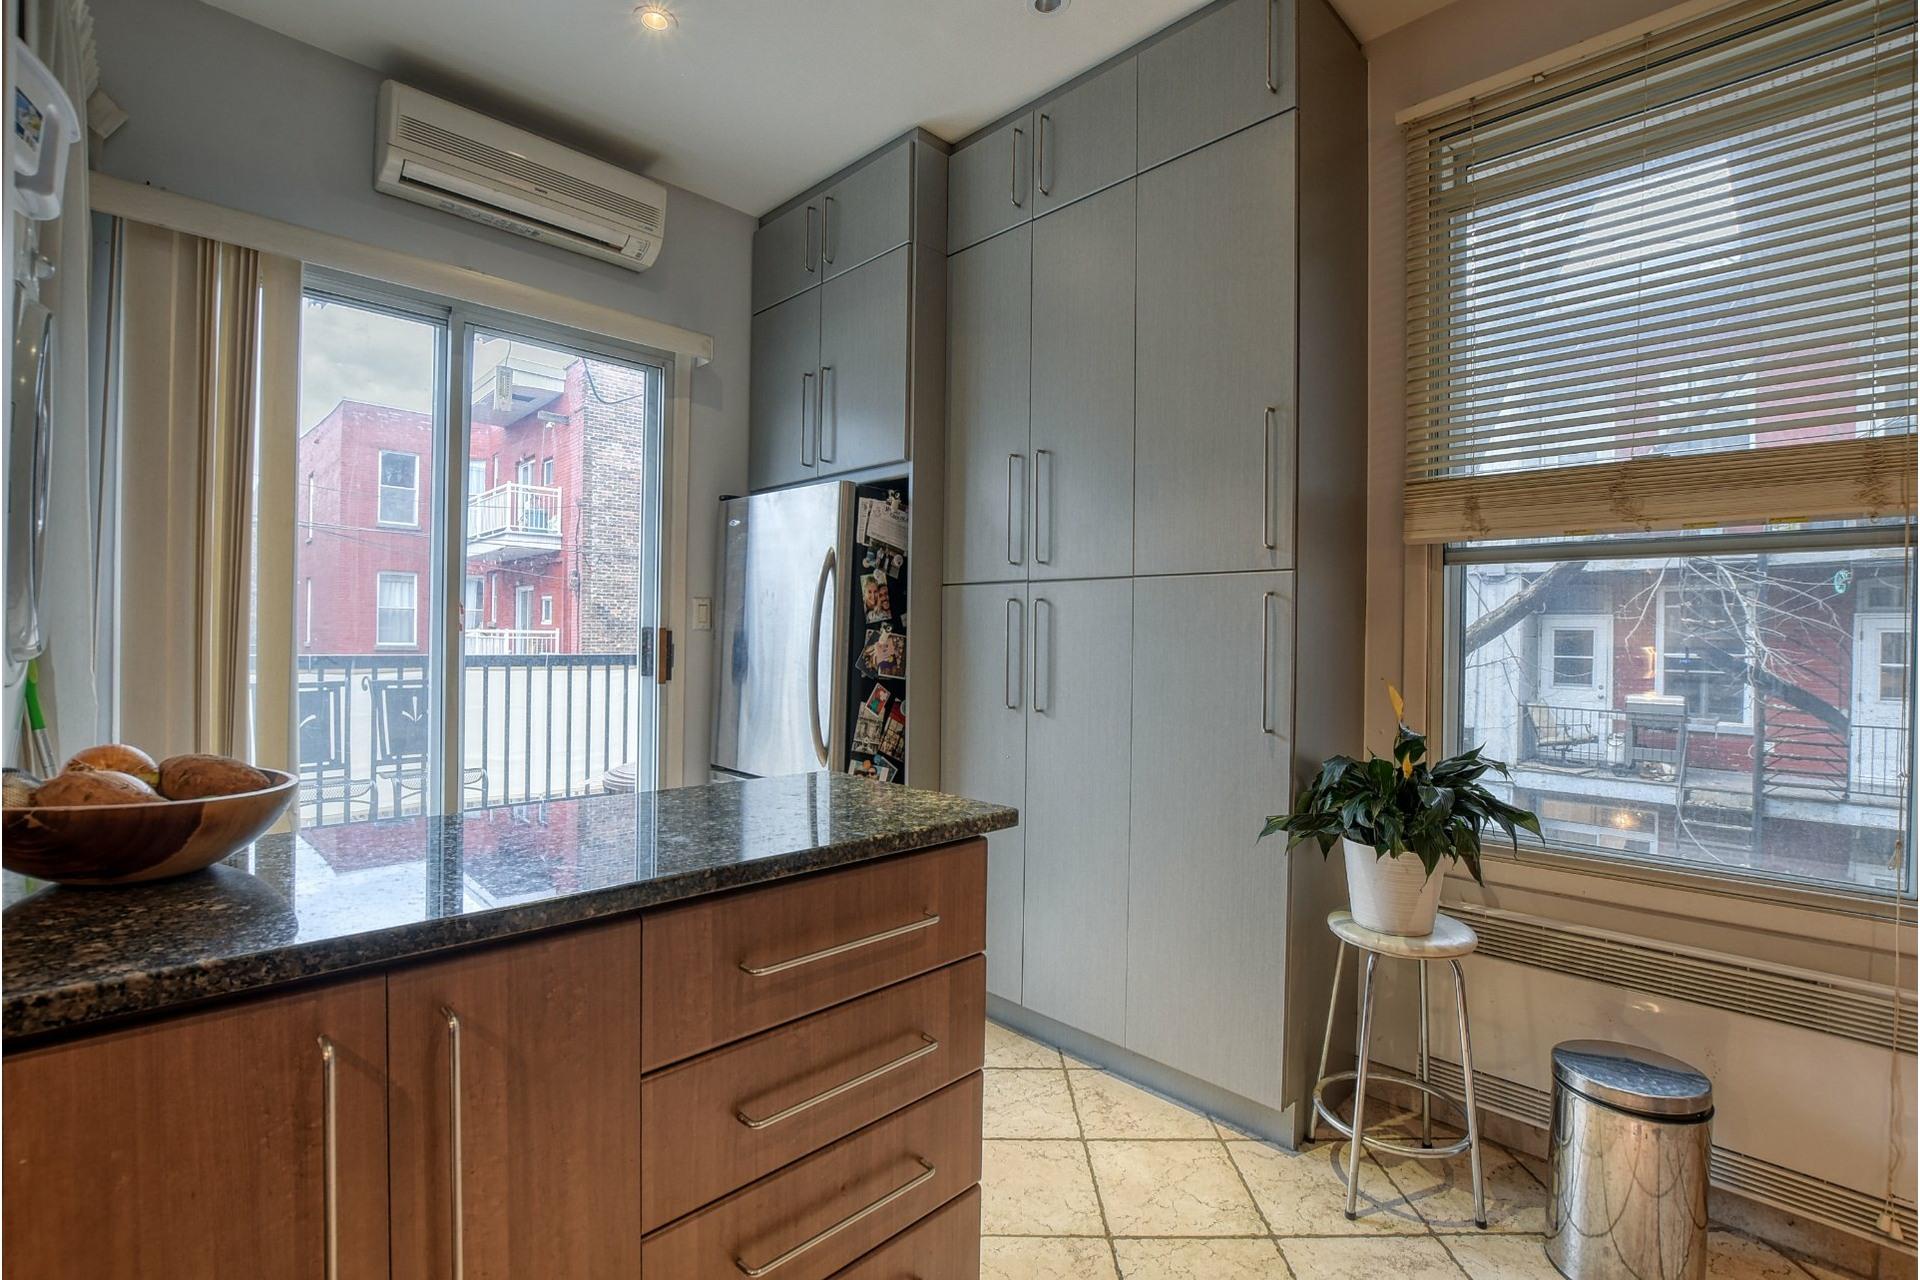 image 4 - Appartement À vendre Le Sud-Ouest Montréal  - 5 pièces